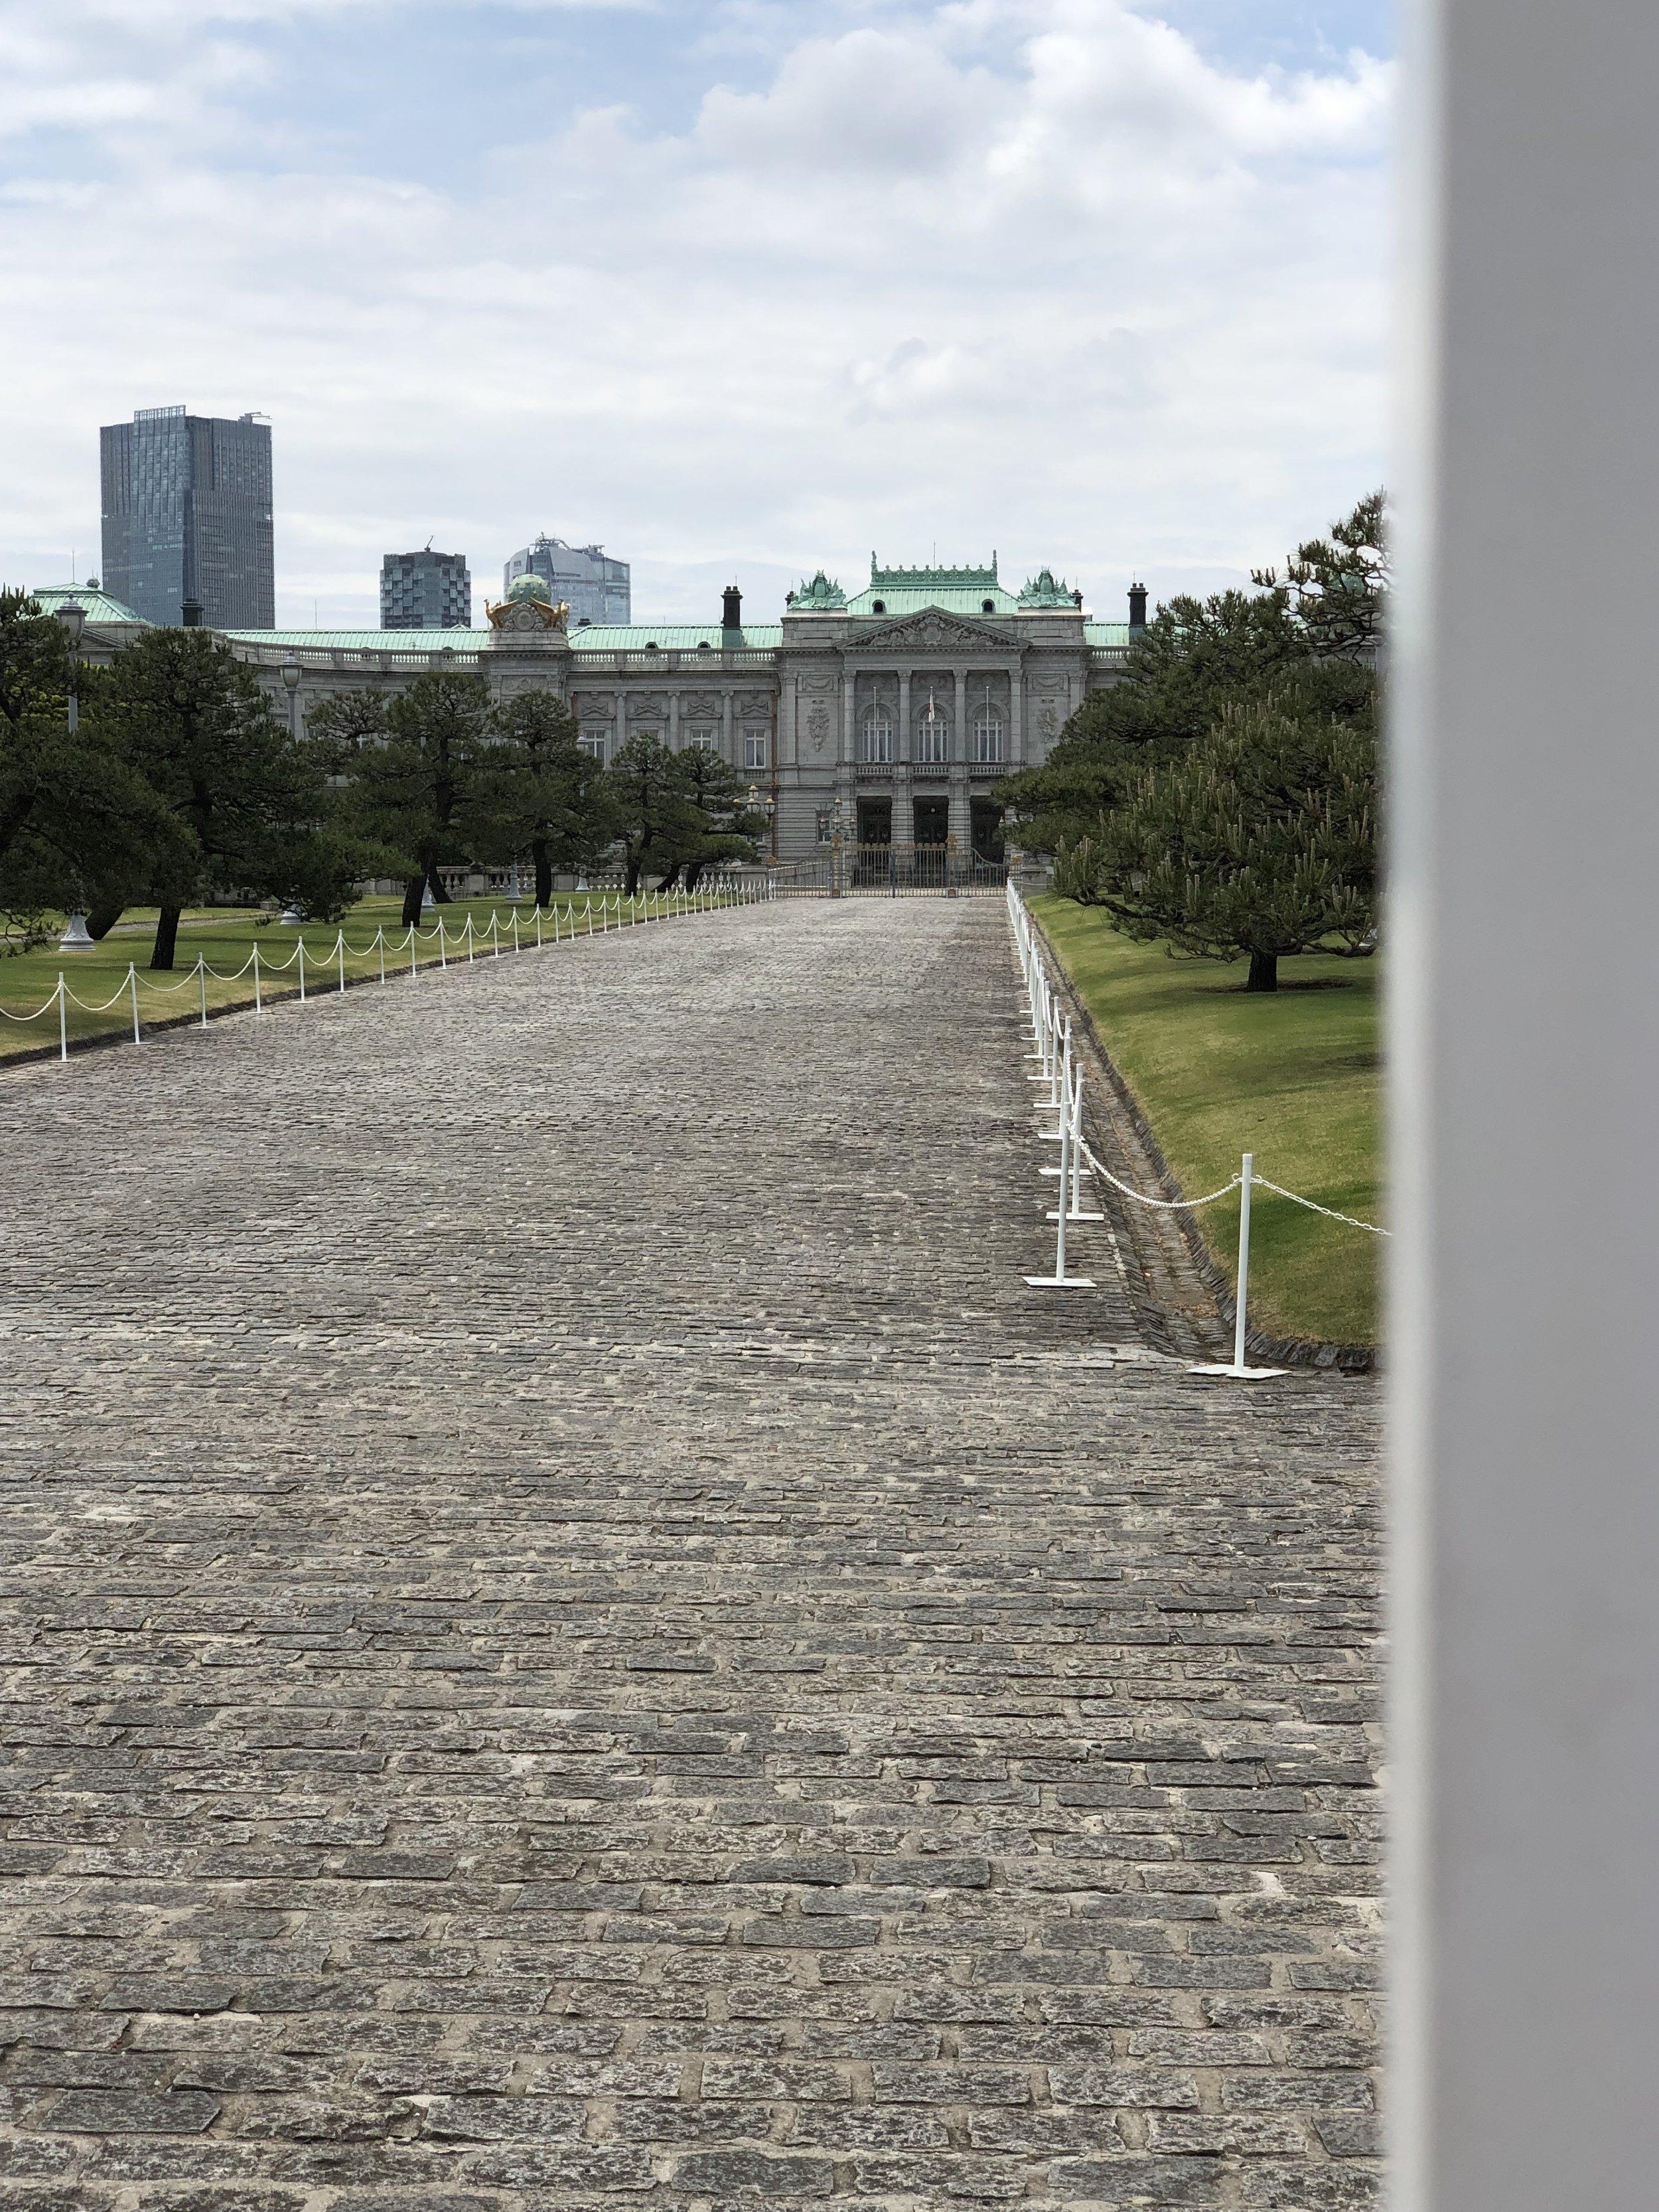 Royal Palace (behind gates)